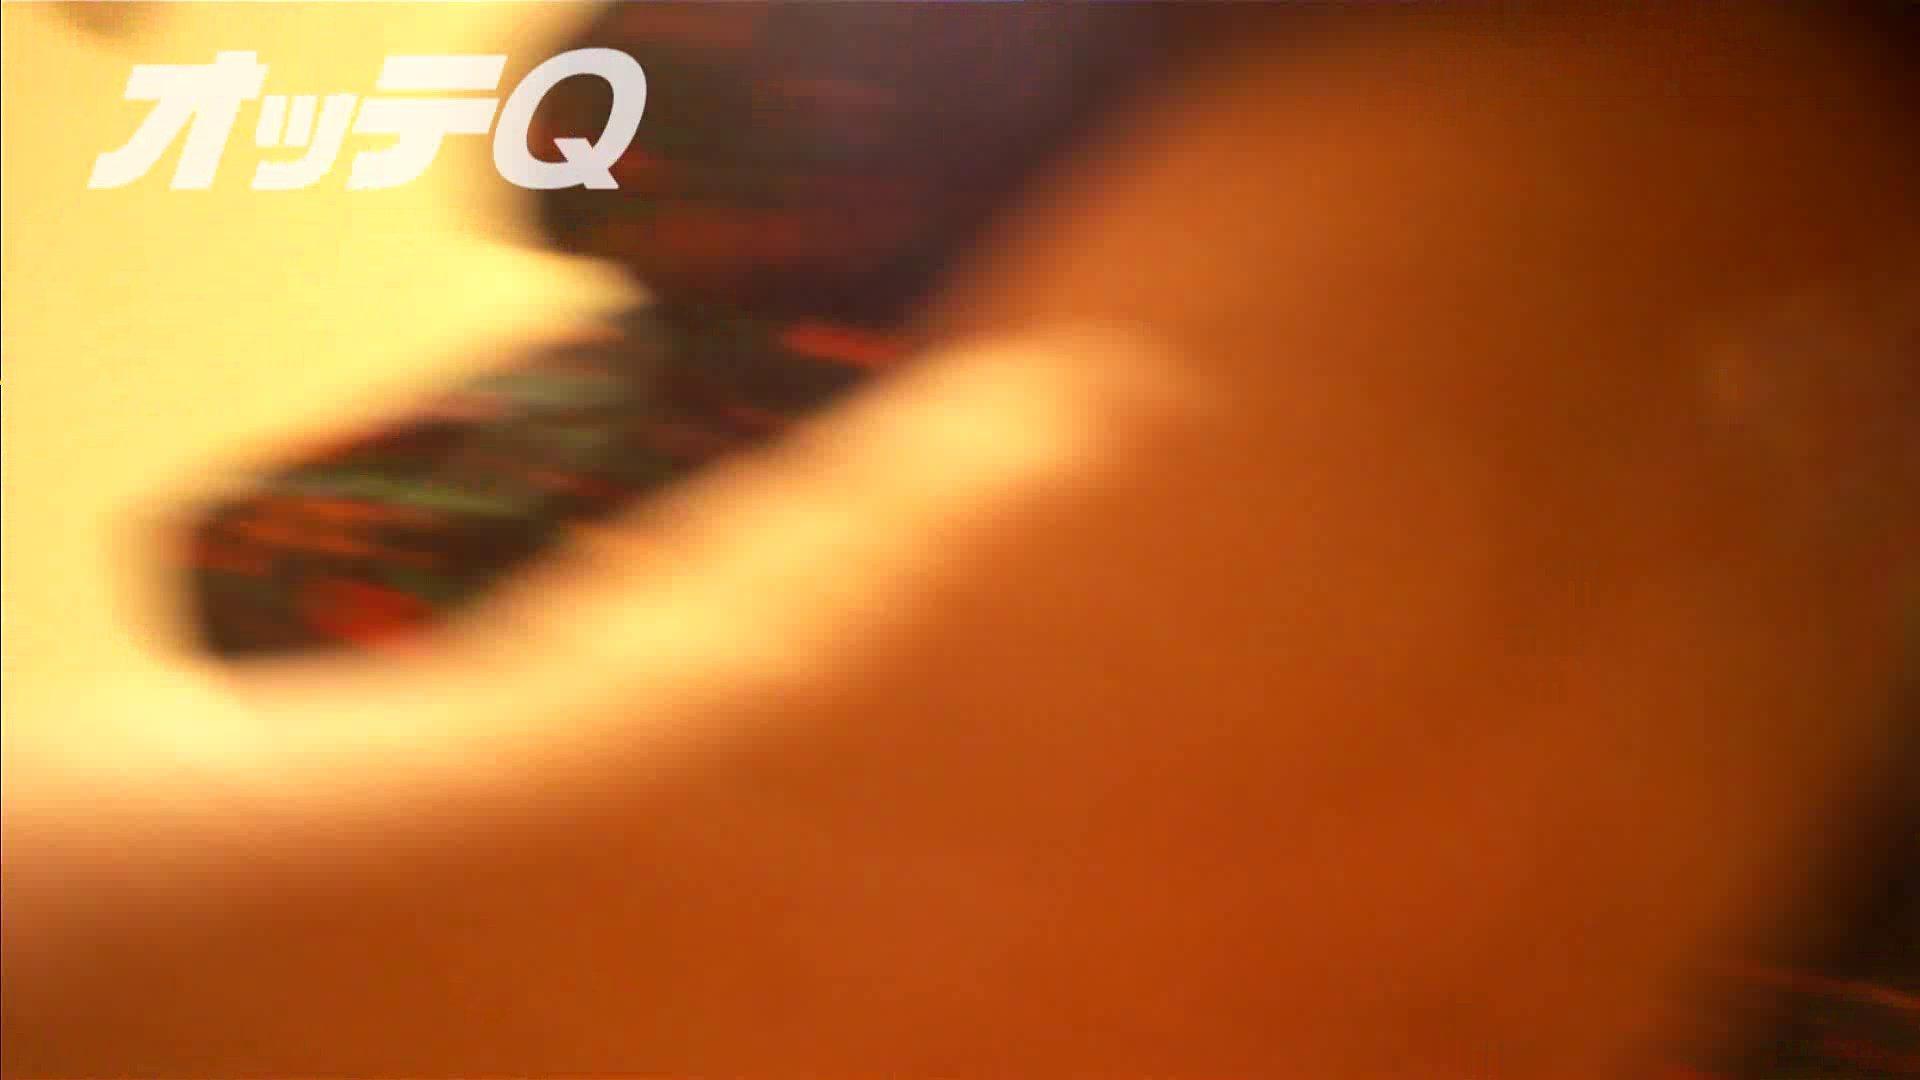 ハイビジョンパンチラ オッテQさんの追跡パンチラデパート編VOL.04 OLのエッチ オマンコ動画キャプチャ 105pic 2